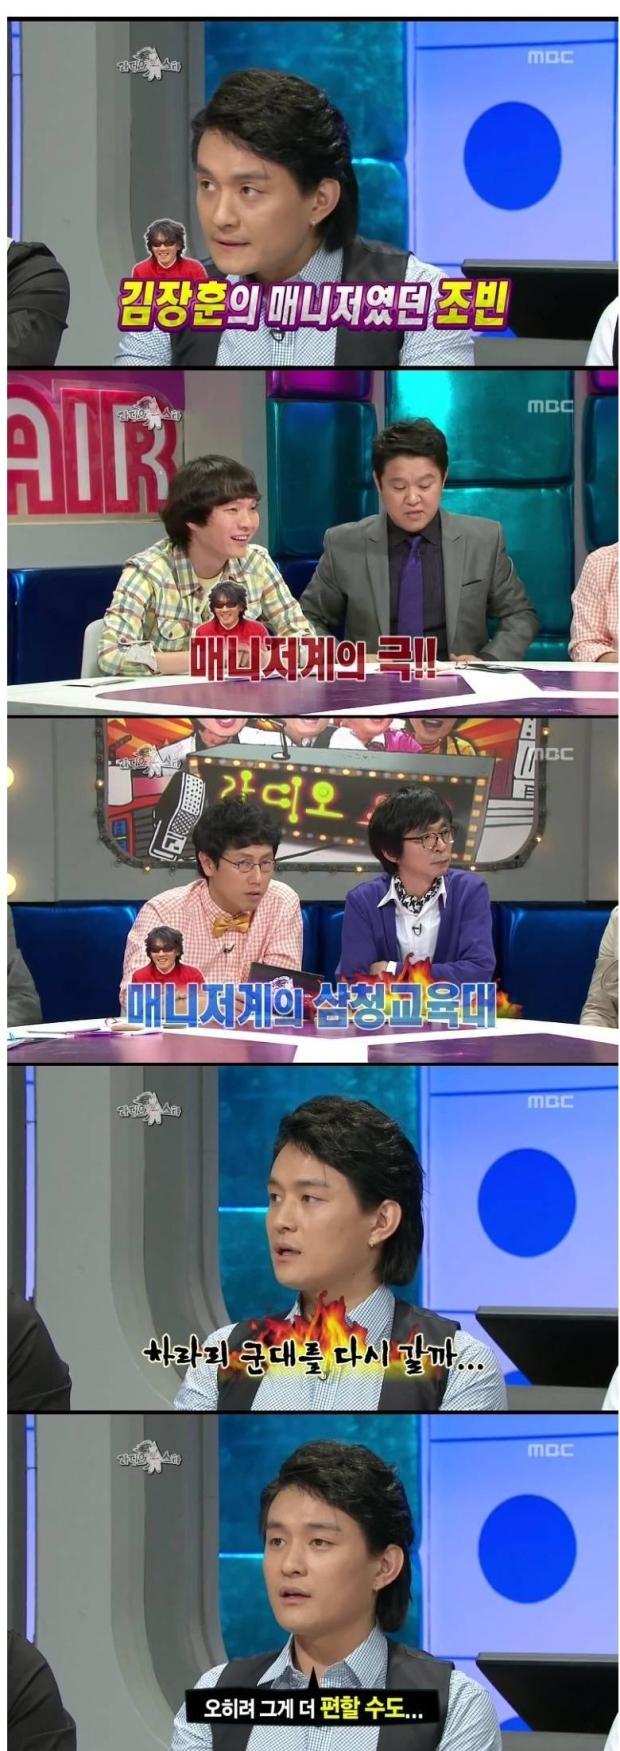 김장훈 매니저 수준